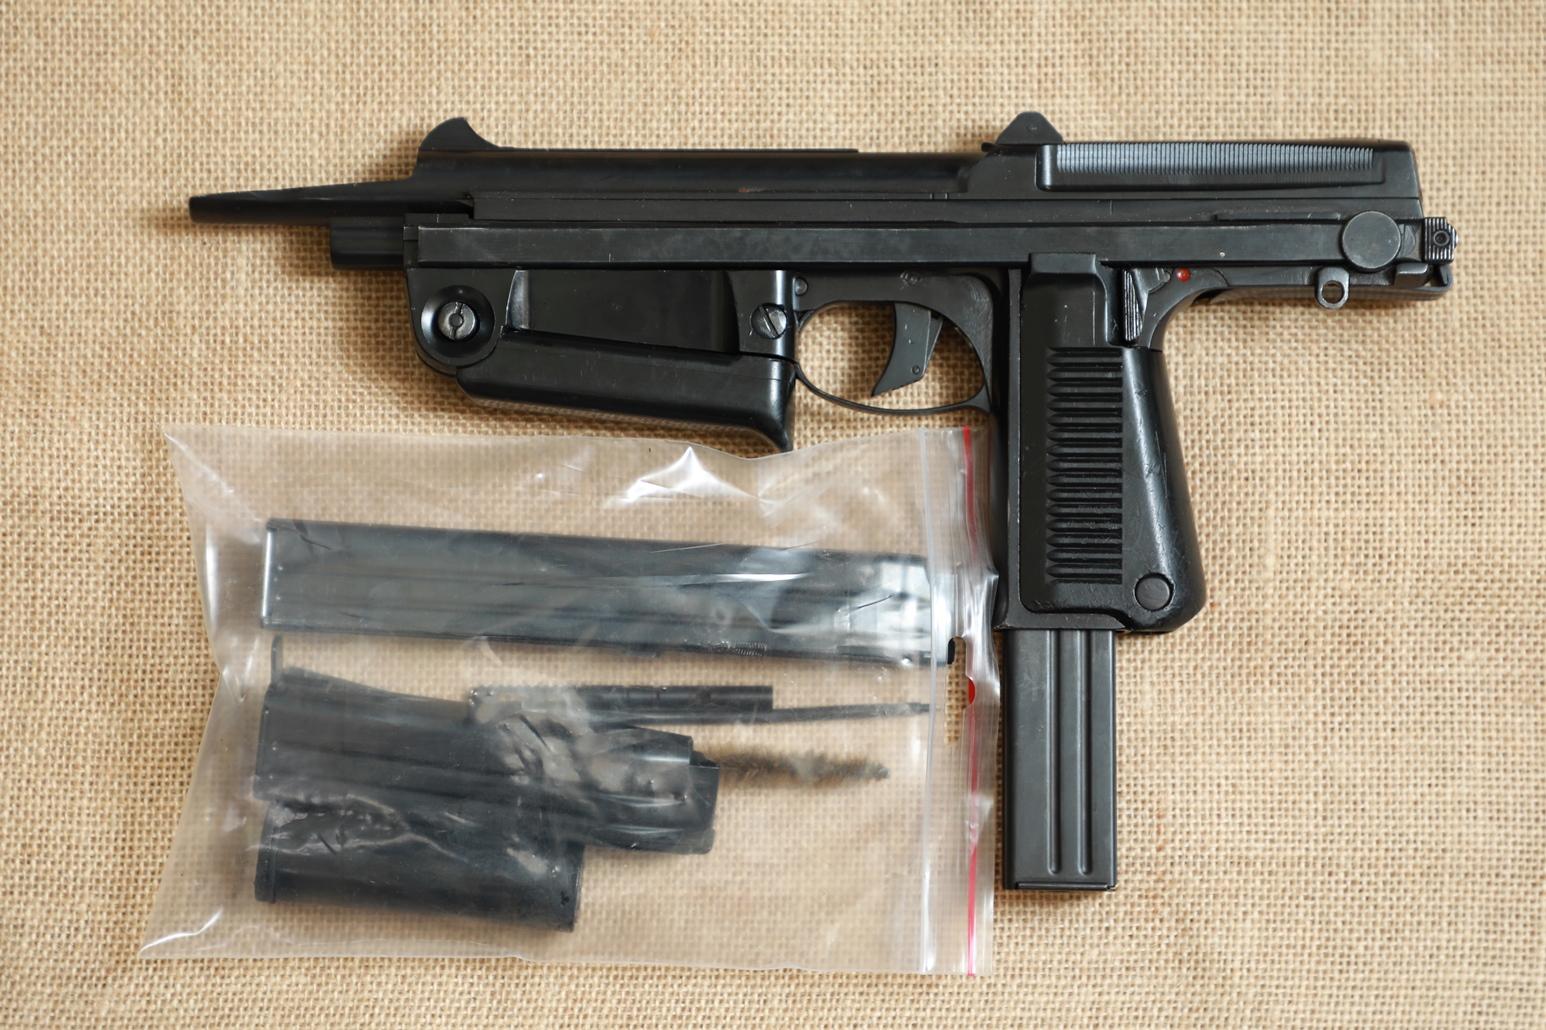 Охолощенный пистолет-пулемет RAK-63 #TM 02467 1970 год, 1 категория